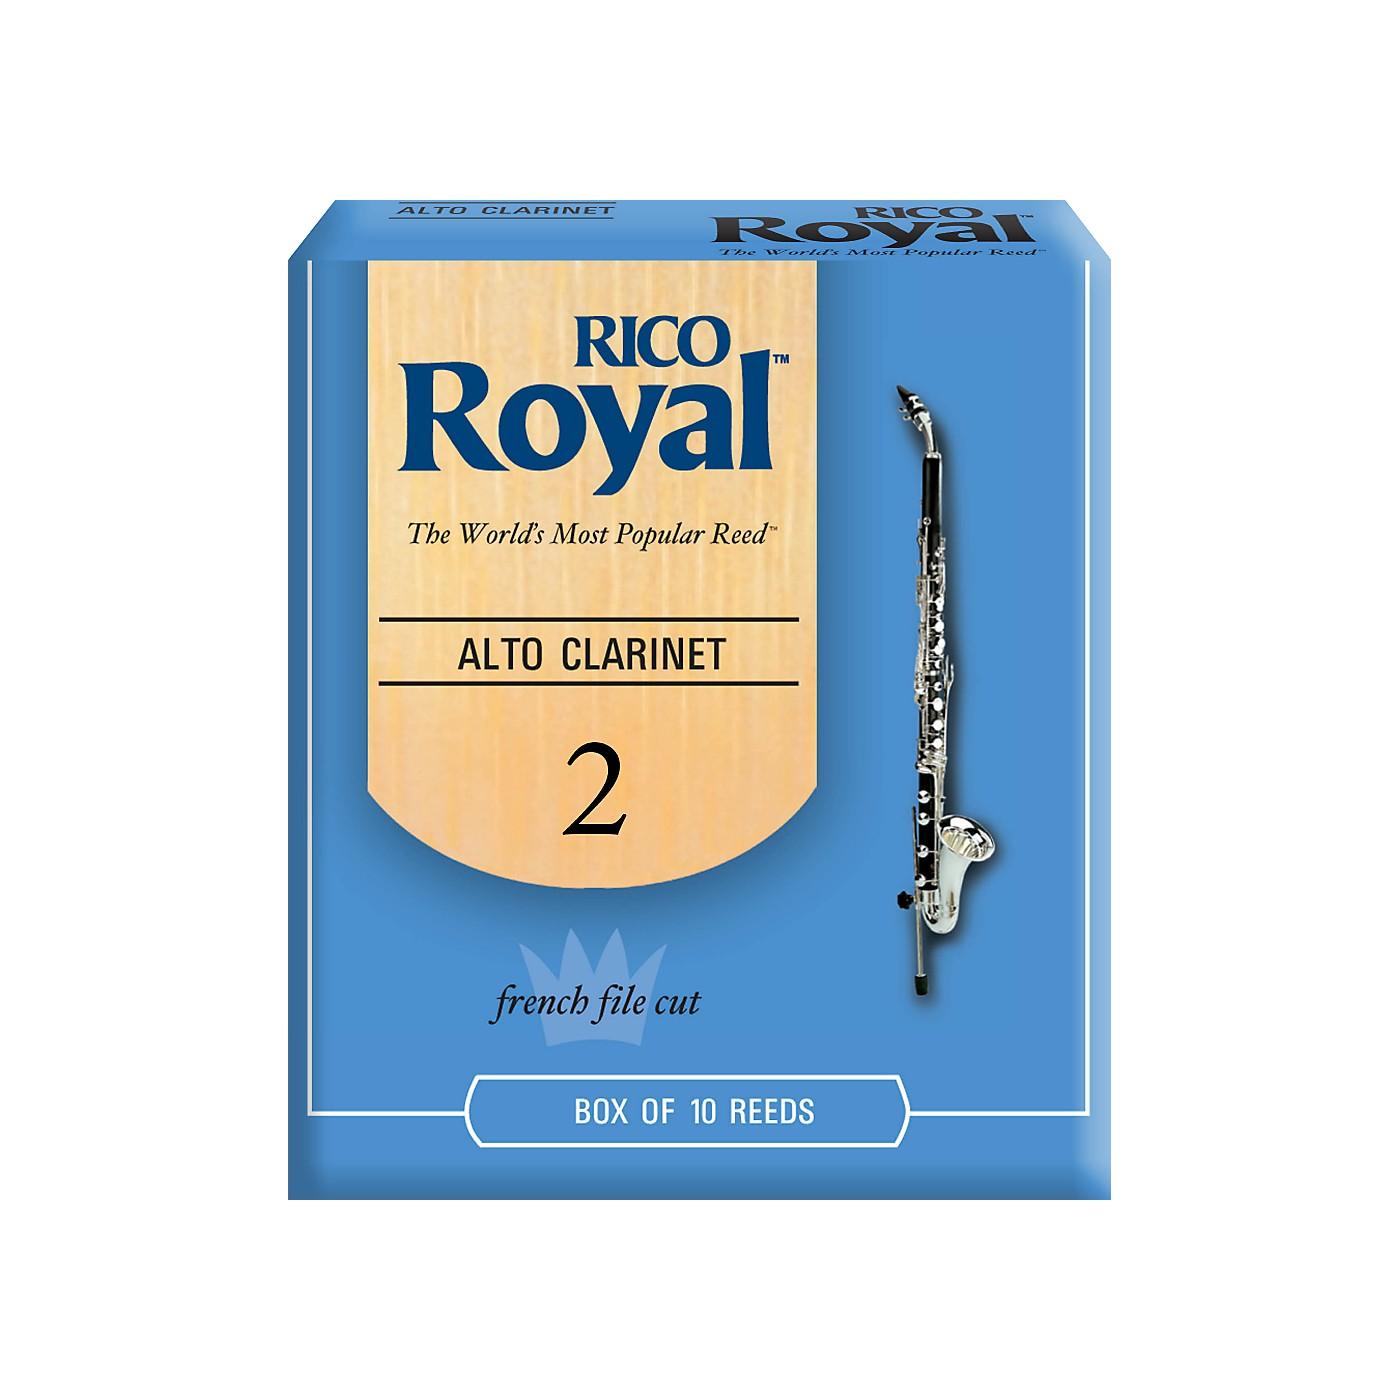 Rico Royal Alto Clarinet Reeds, Box of 10 thumbnail